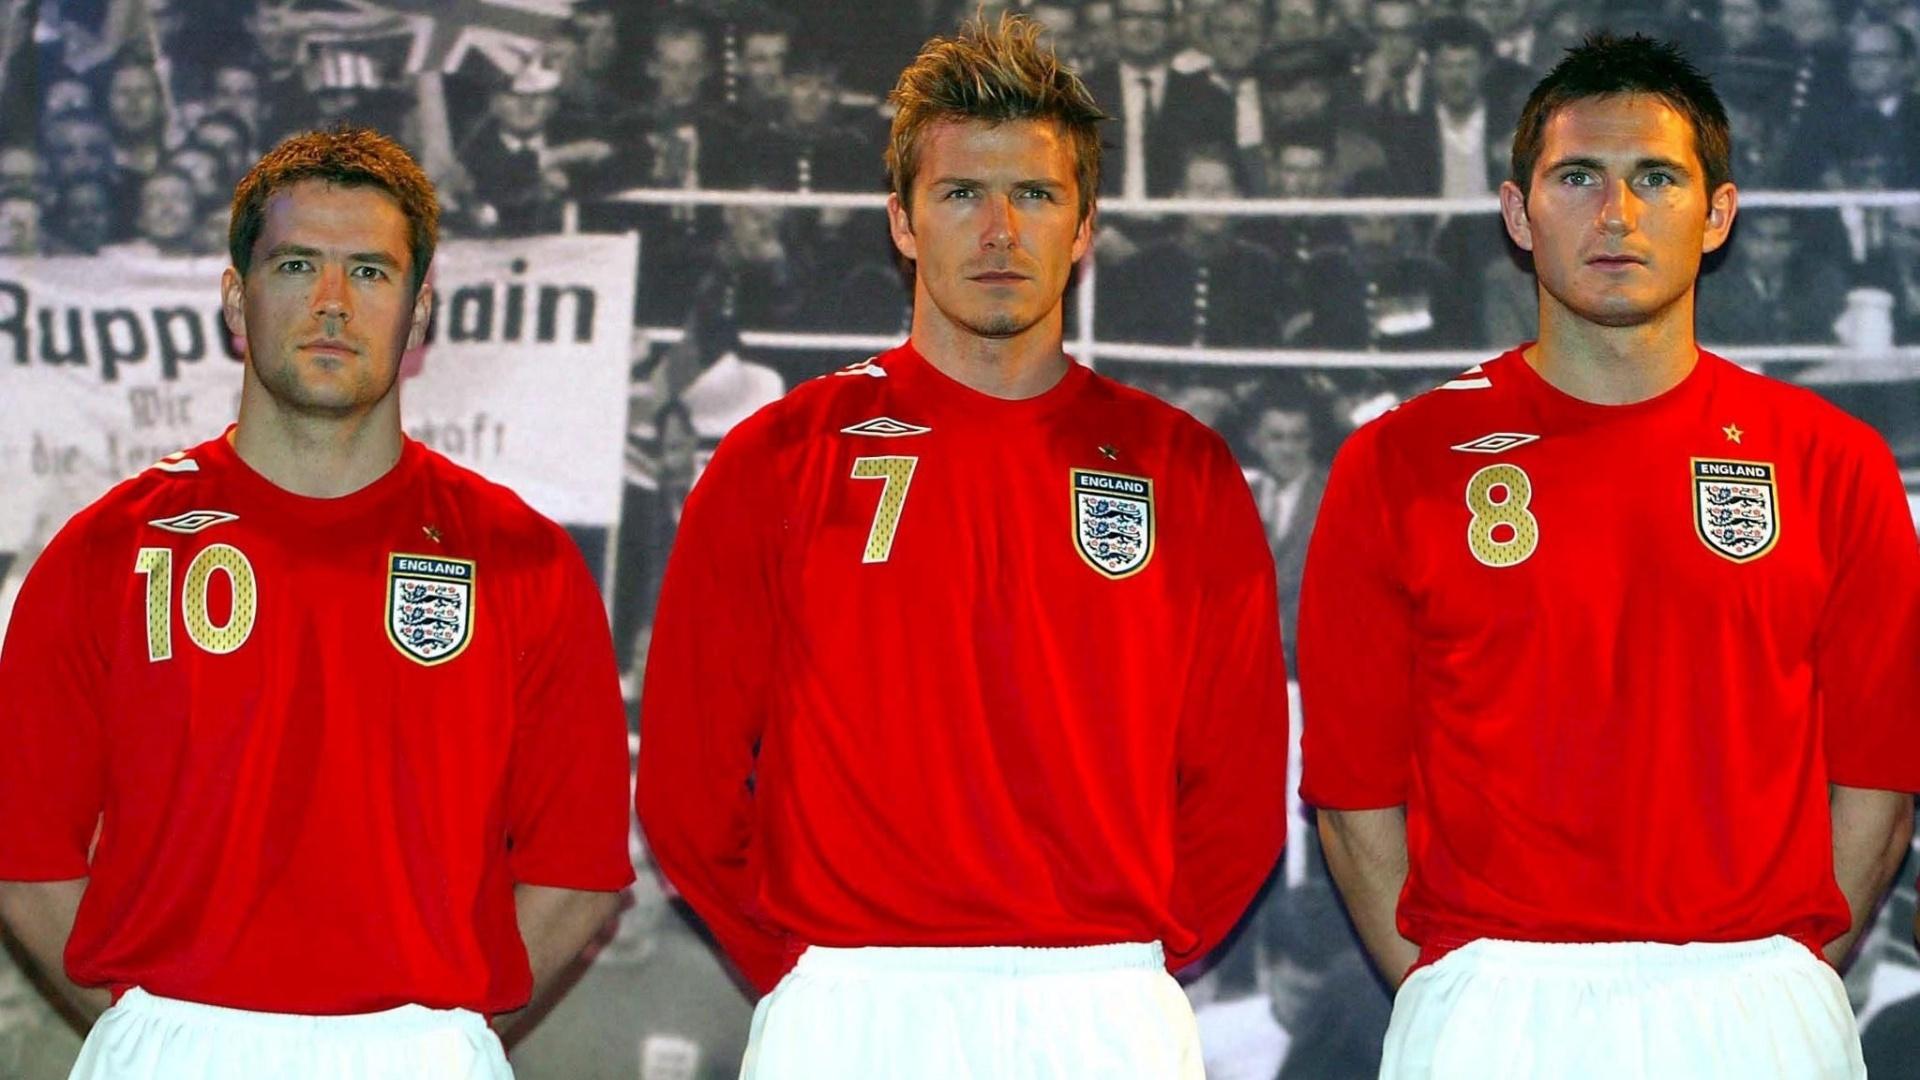 Os astros da seleção inglesa Michael Owen (e), David Beckham (c) e Frank Lampard (d) posam com uniforme usado pela equipe na Copa do Mundo de 2006